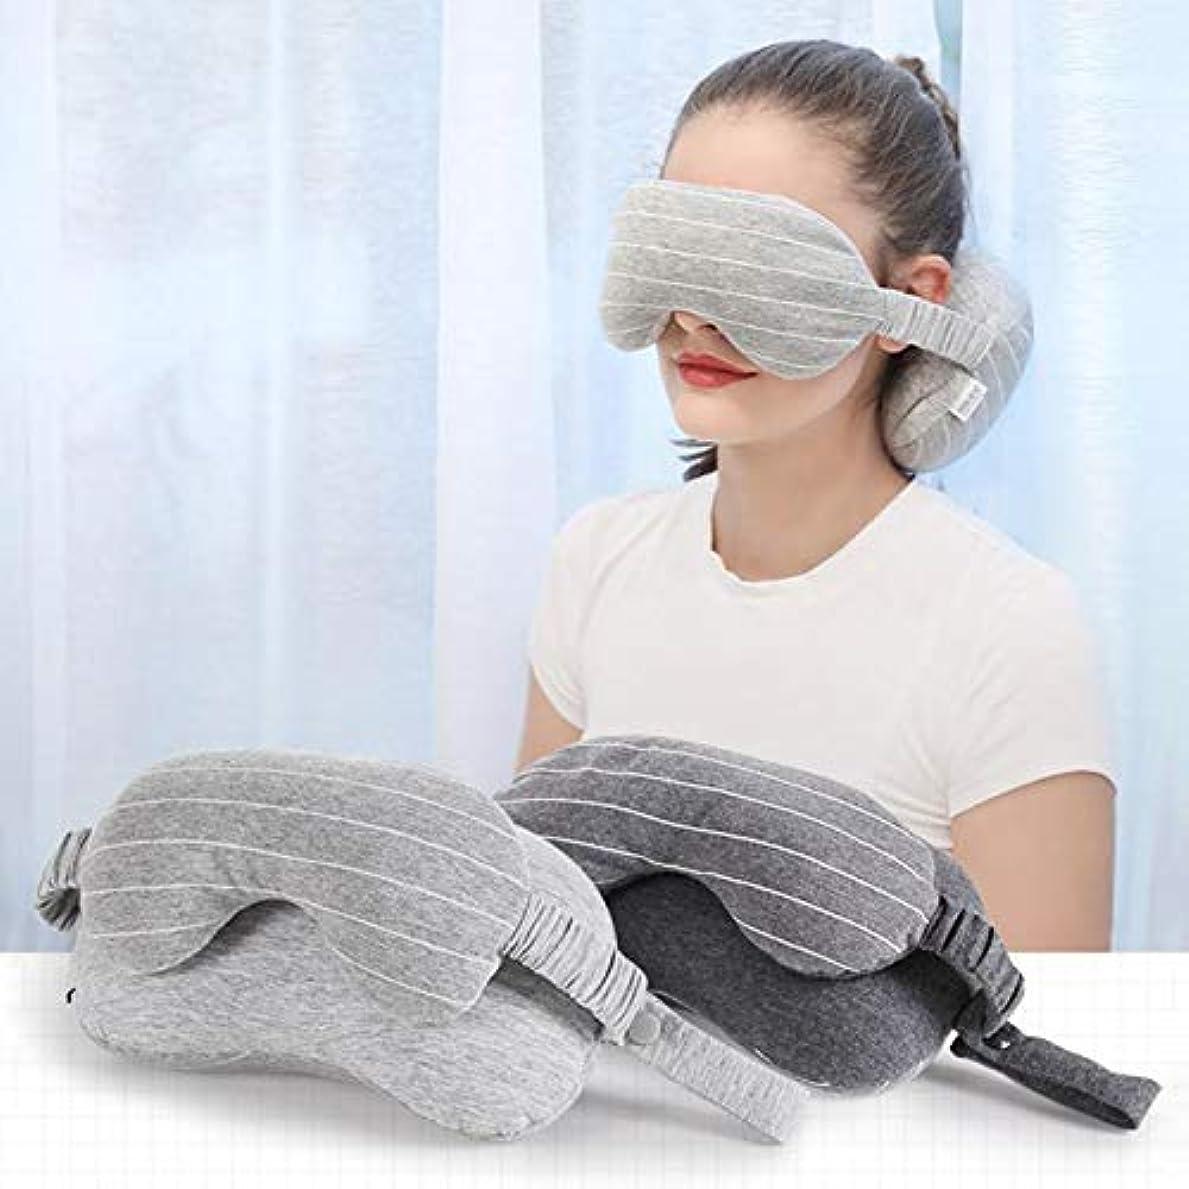 温かい知覚できる慈悲注多目的アイマスク首投げ枕睡眠マスク枕トラベルフォーム粒子充填縞模様U1